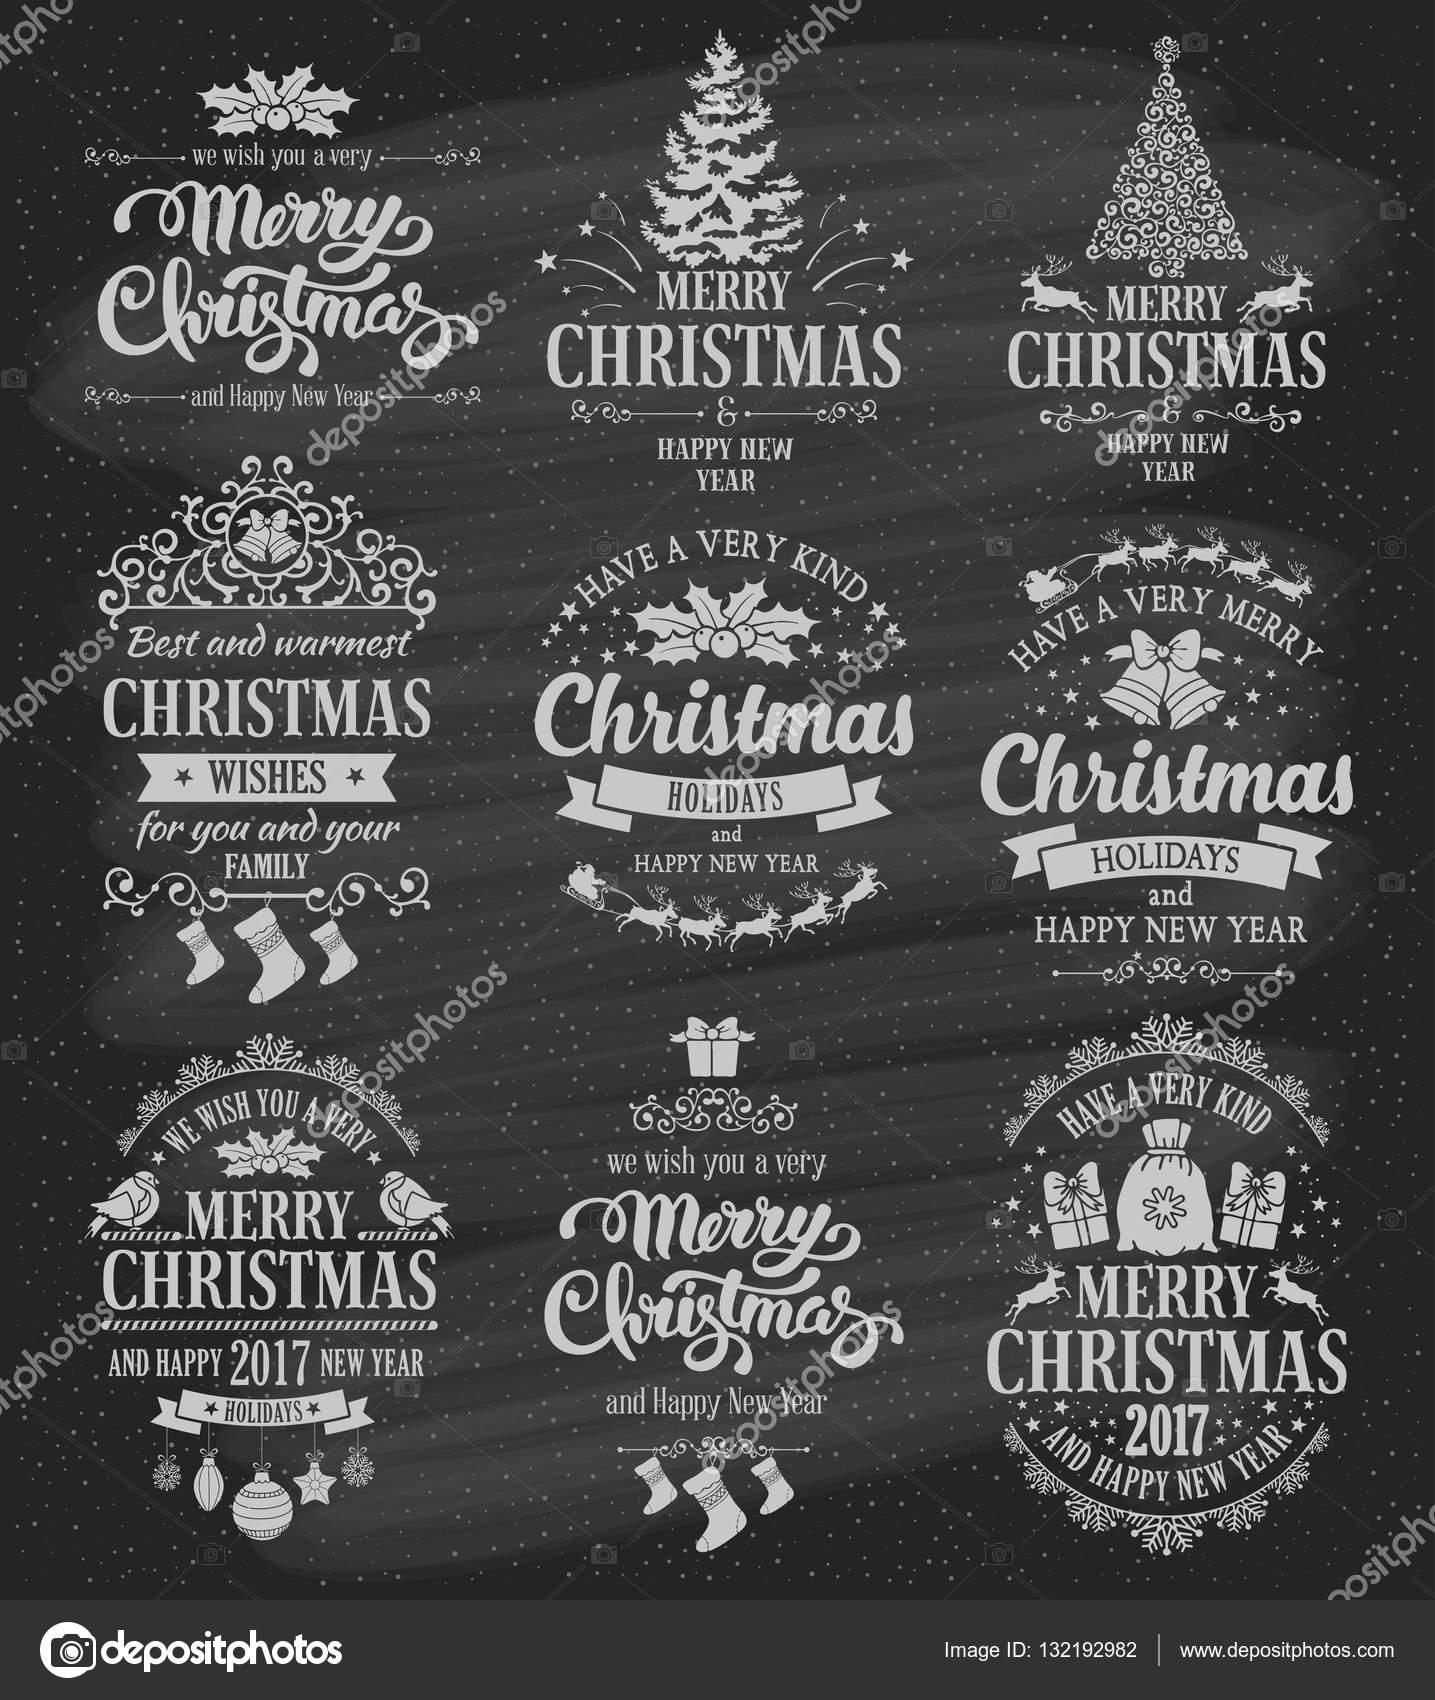 Disegni Di Natale Vettoriali.Set Di Disegni Distintivi Di Natale Vettoriali Stock